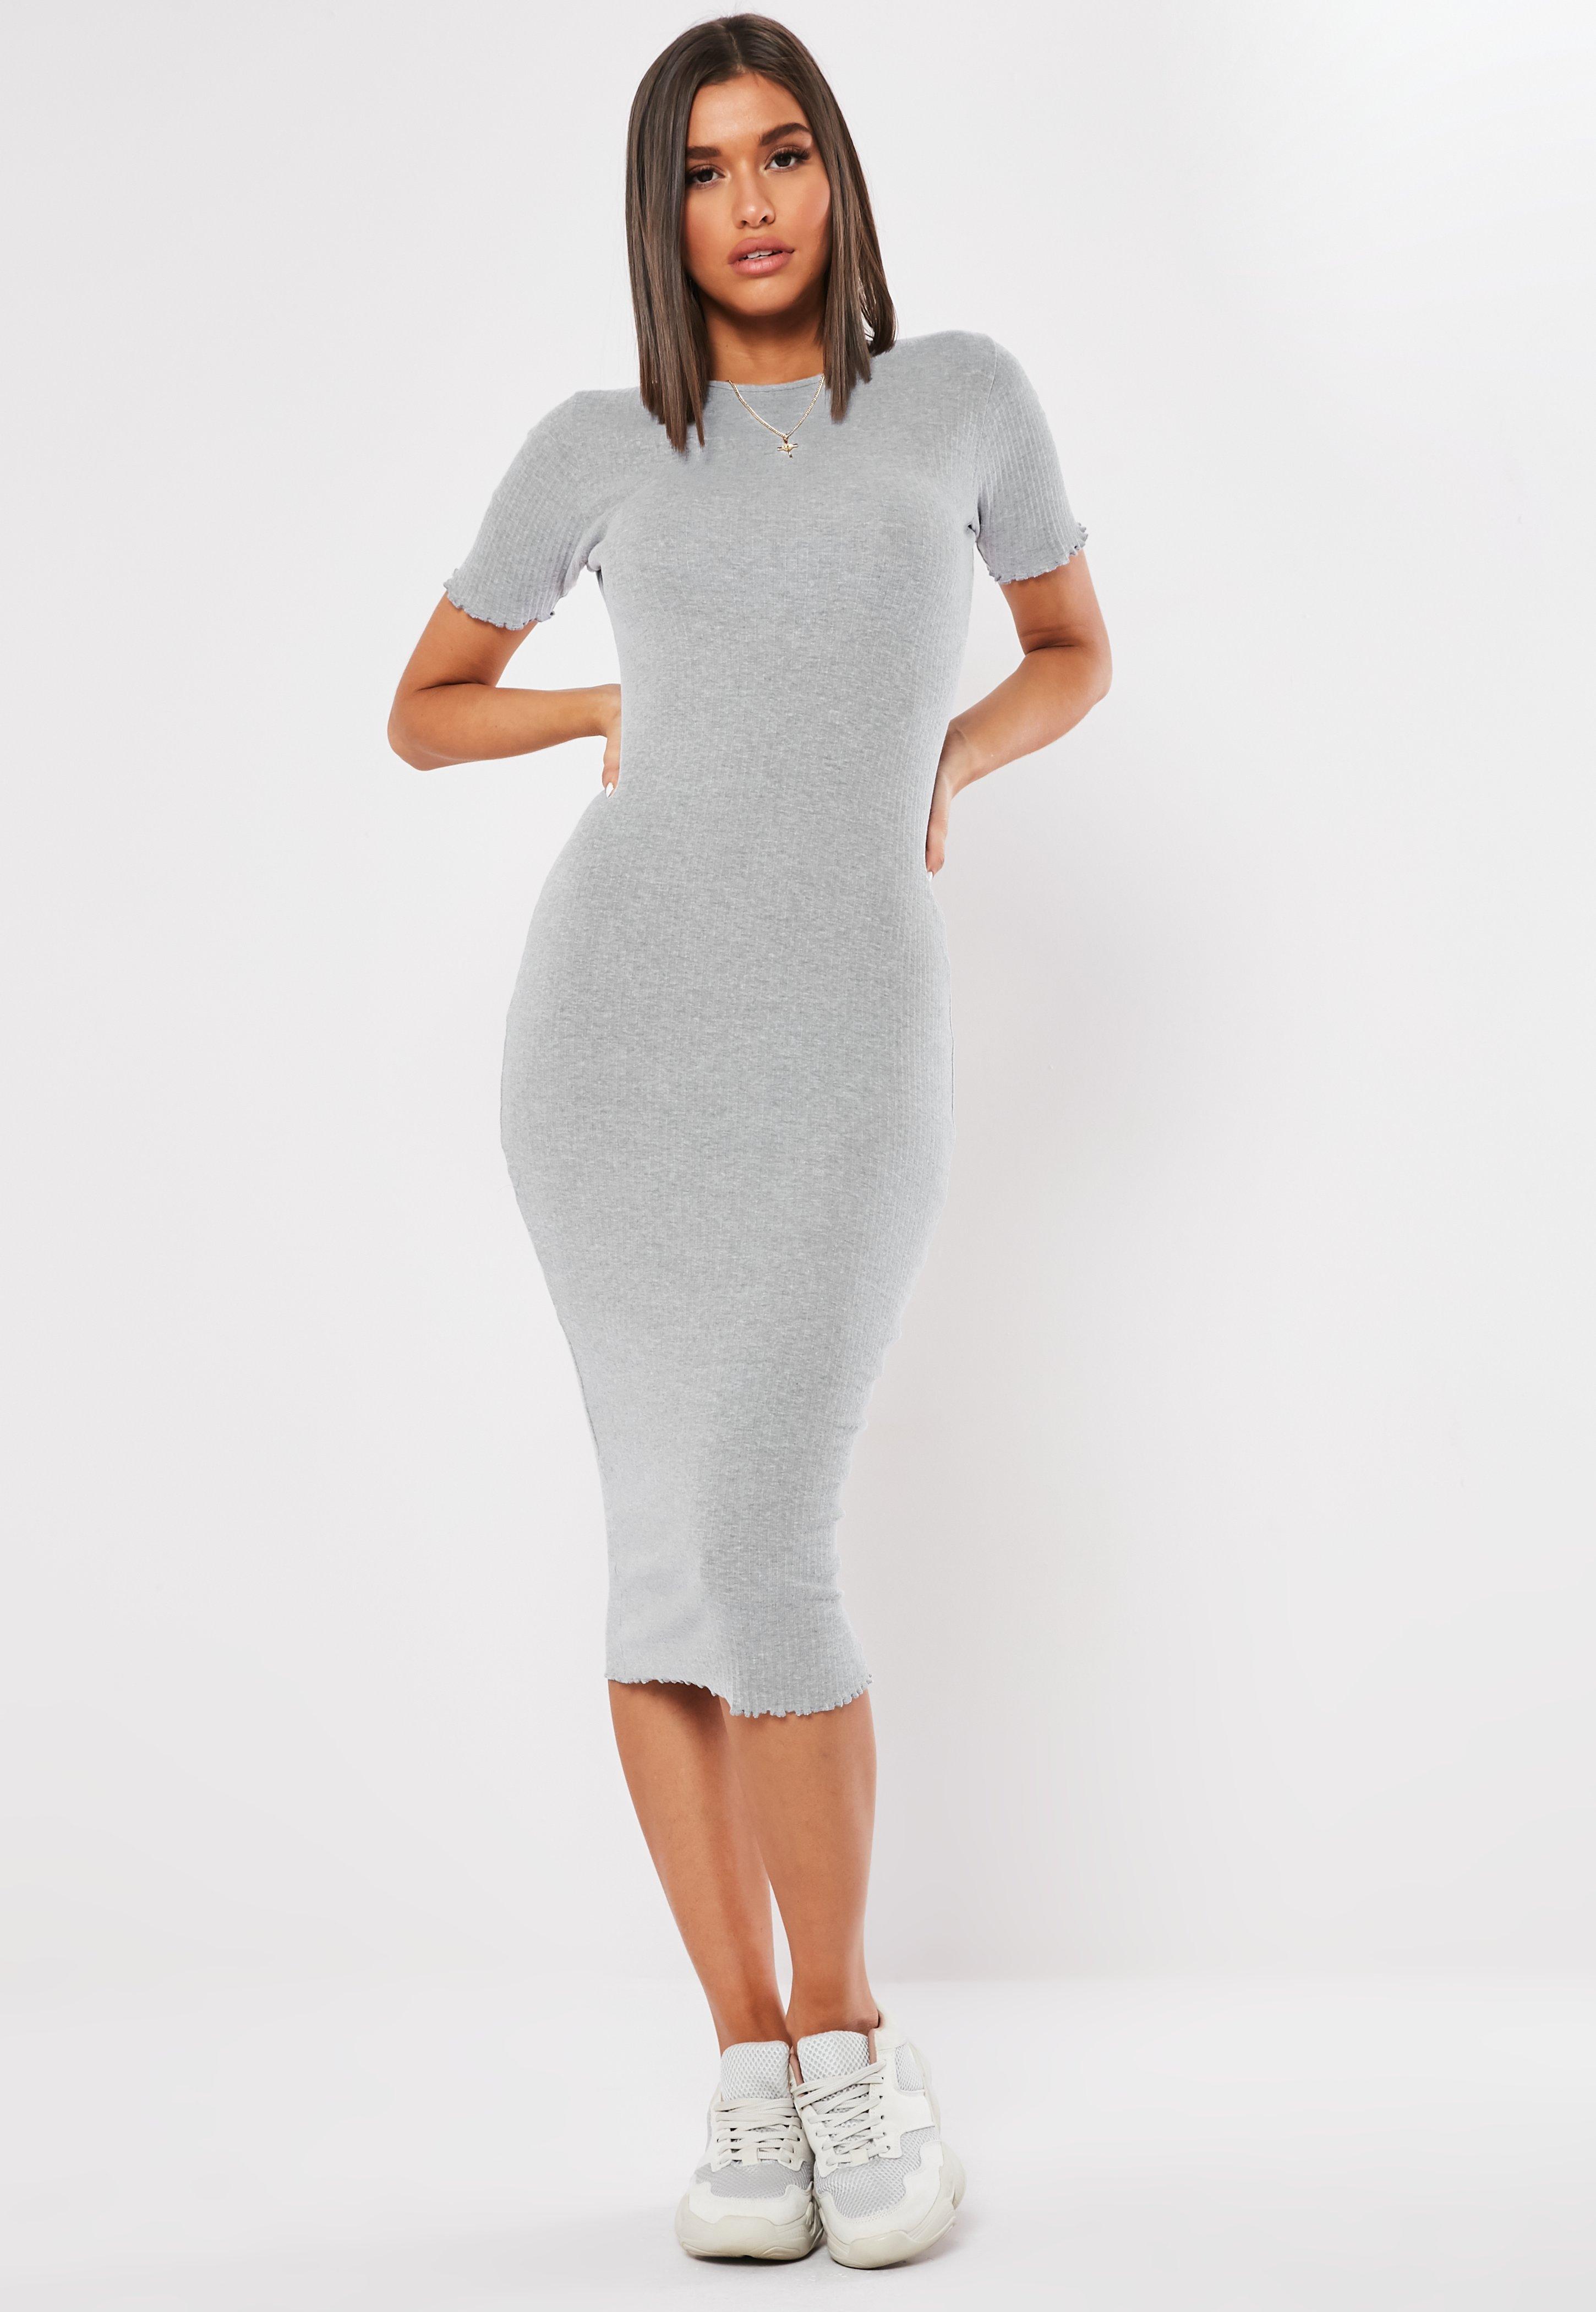 d492d3f798c0d Dresses